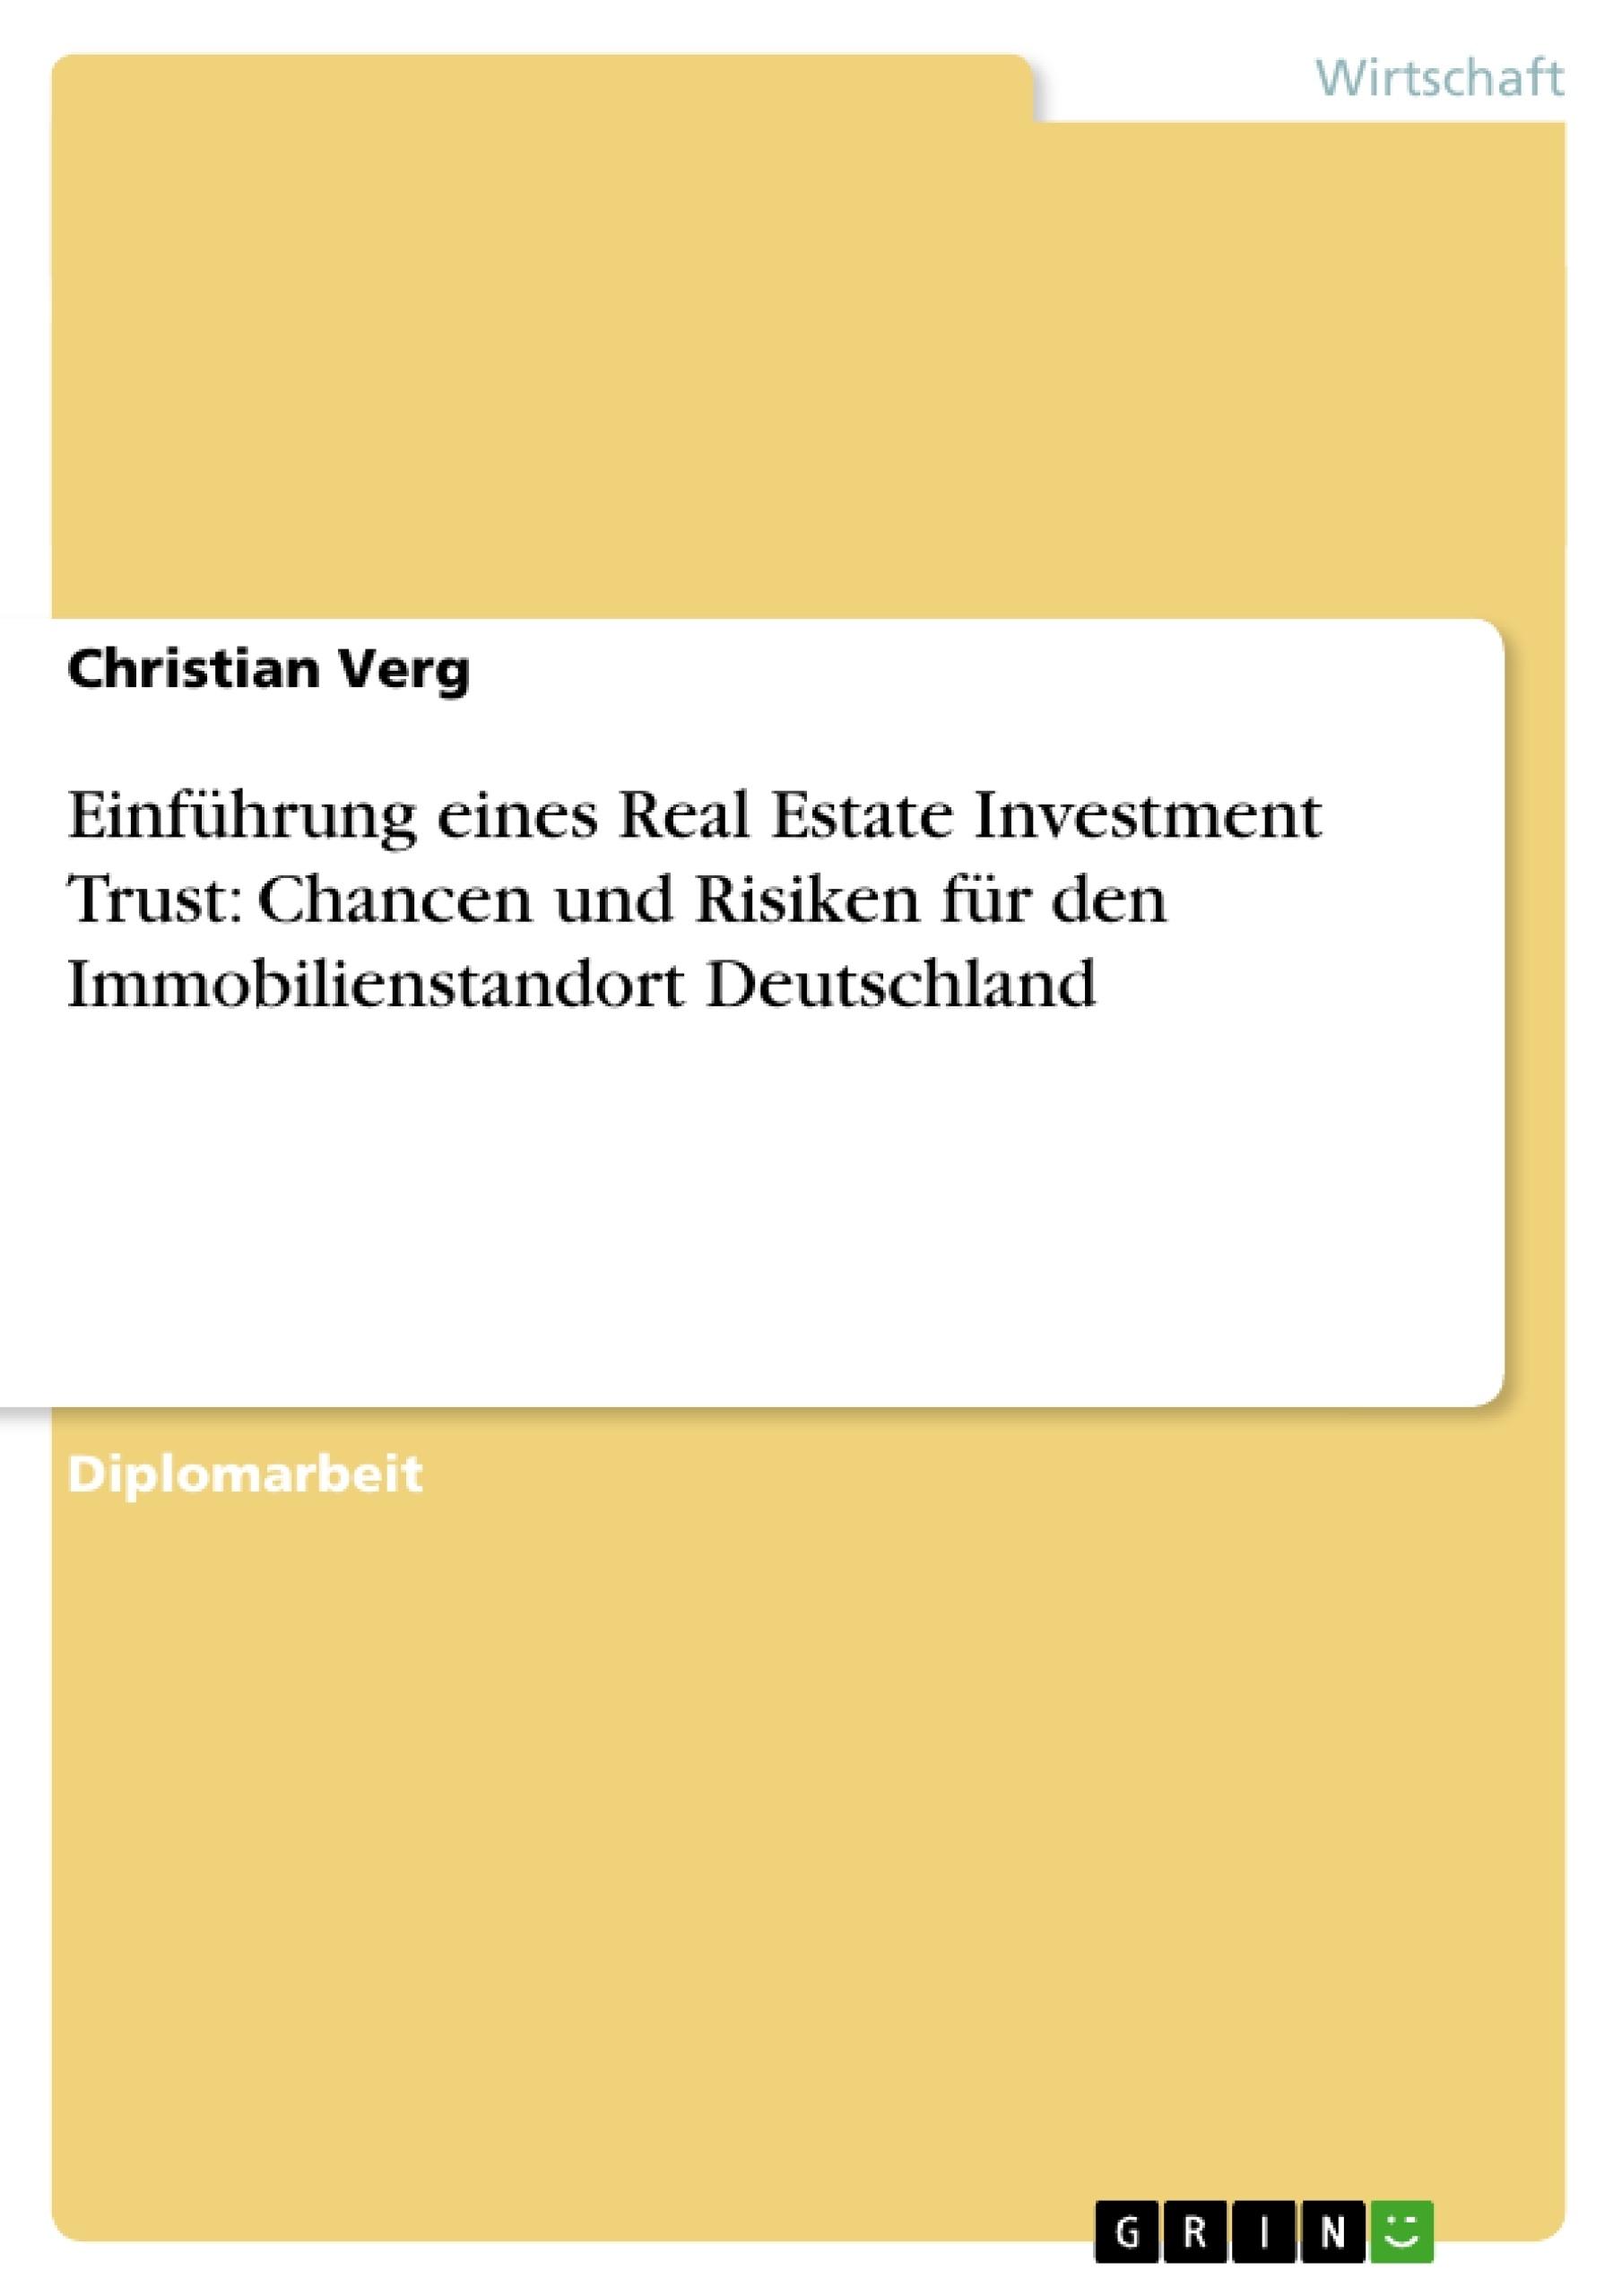 Titel: Einführung eines Real Estate Investment Trust: Chancen und Risiken für den Immobilienstandort Deutschland